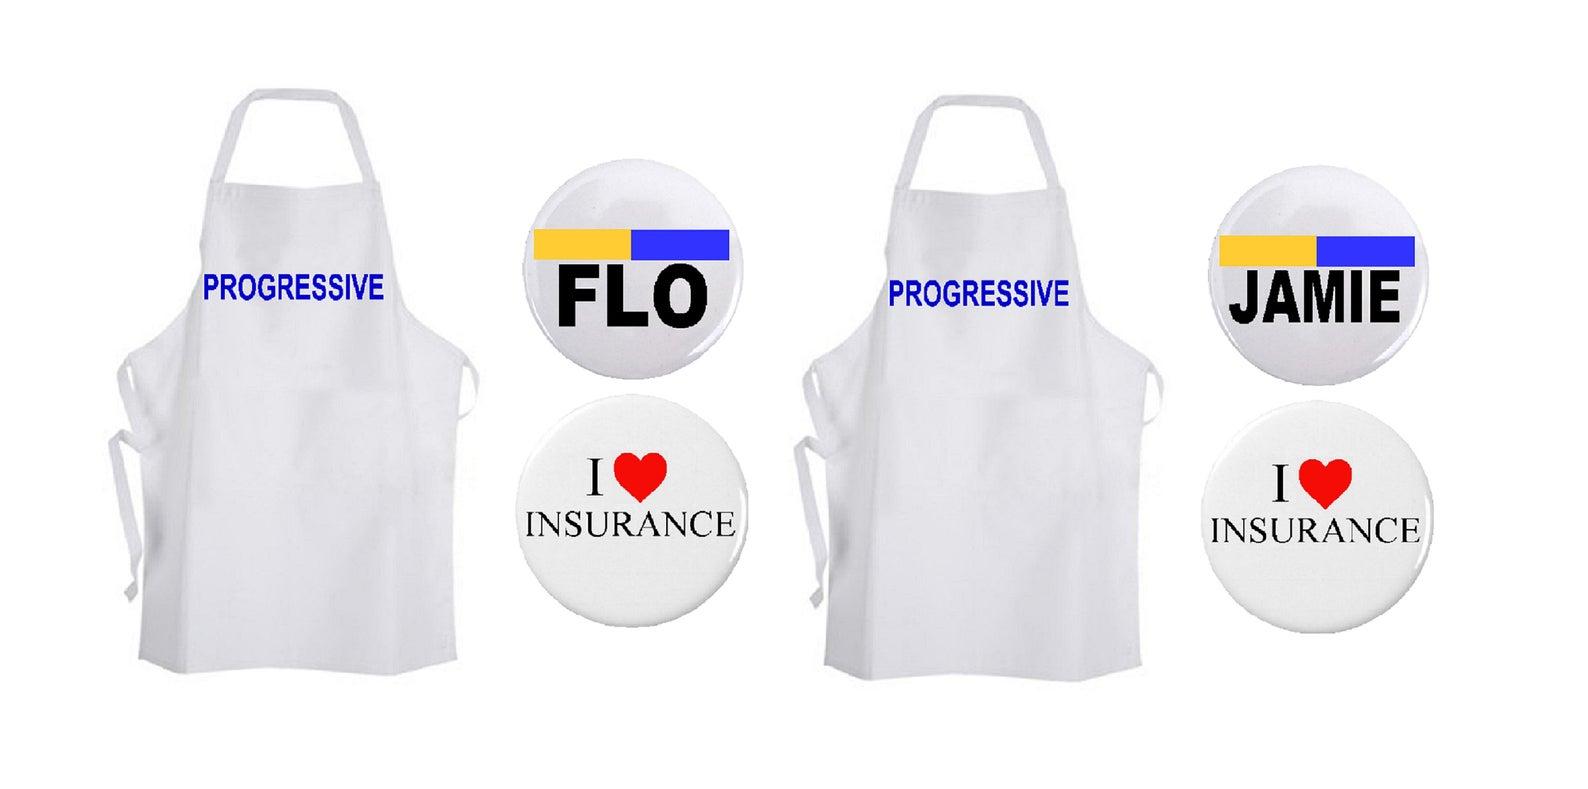 Flo and Jamie Progressive Costumes